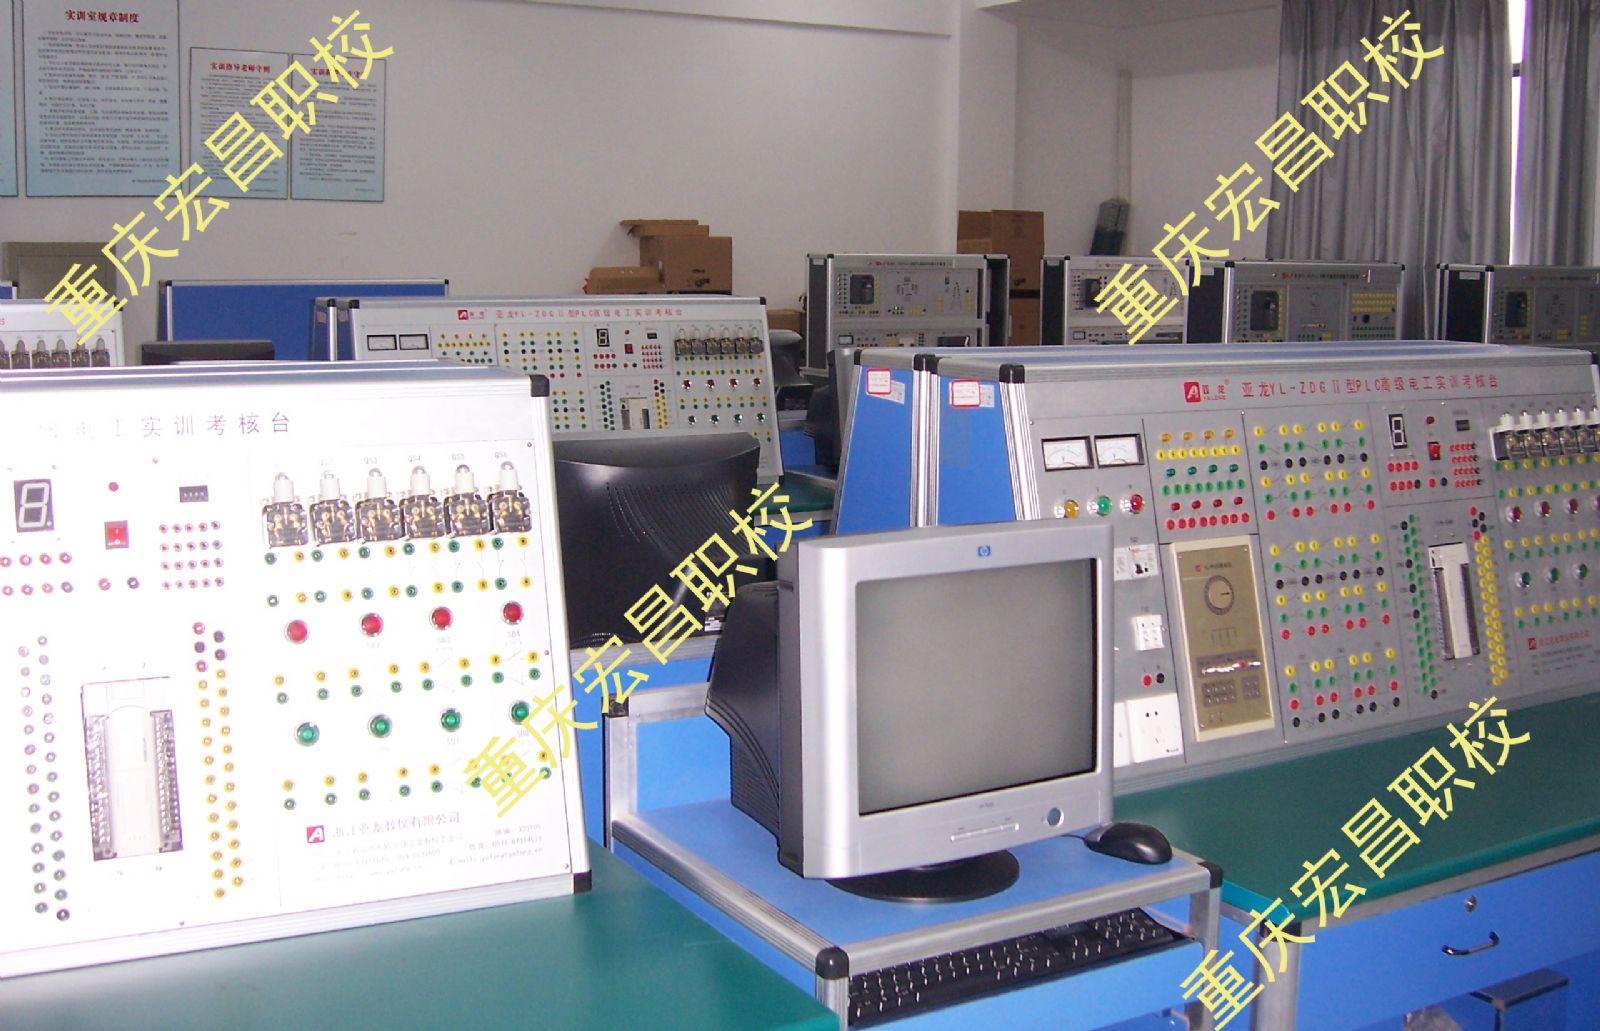 (2)低压布线,各种照明灯具的接线方法,(3)建筑水电安装的图纸,建筑